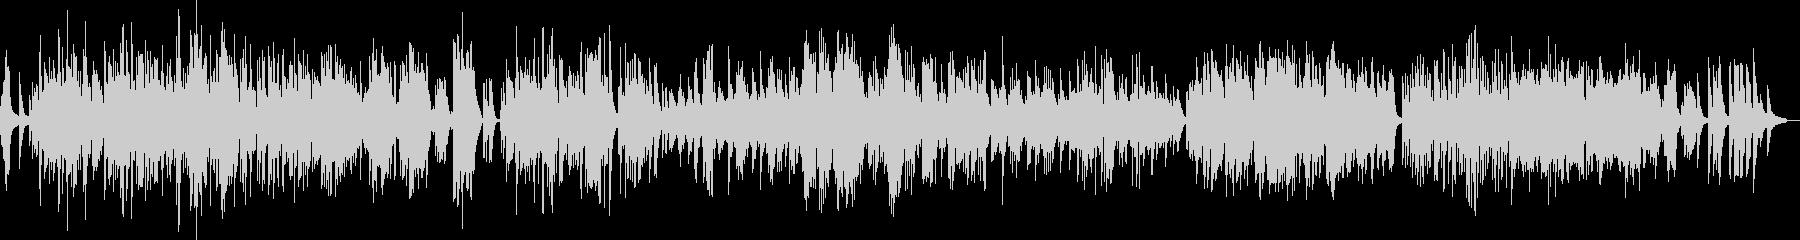 ショパン ノクターン Op61-No1の未再生の波形